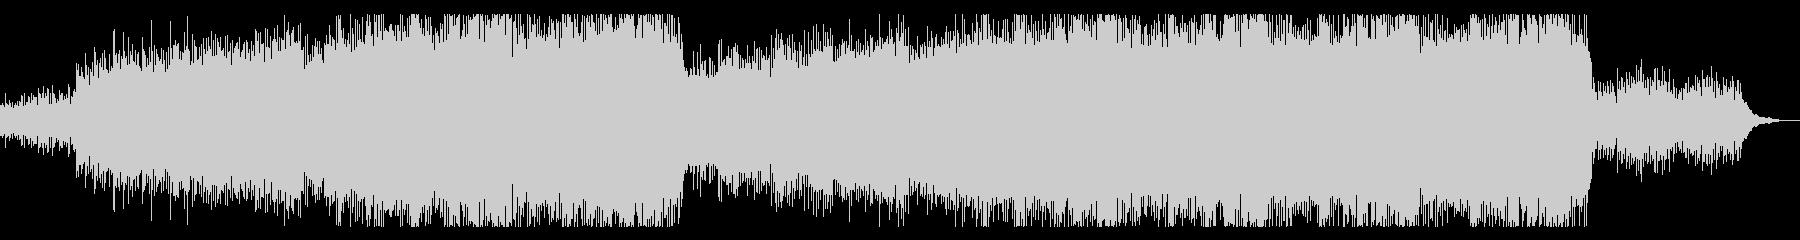 【ドラム抜き】透明感のあるポップコーポレの未再生の波形